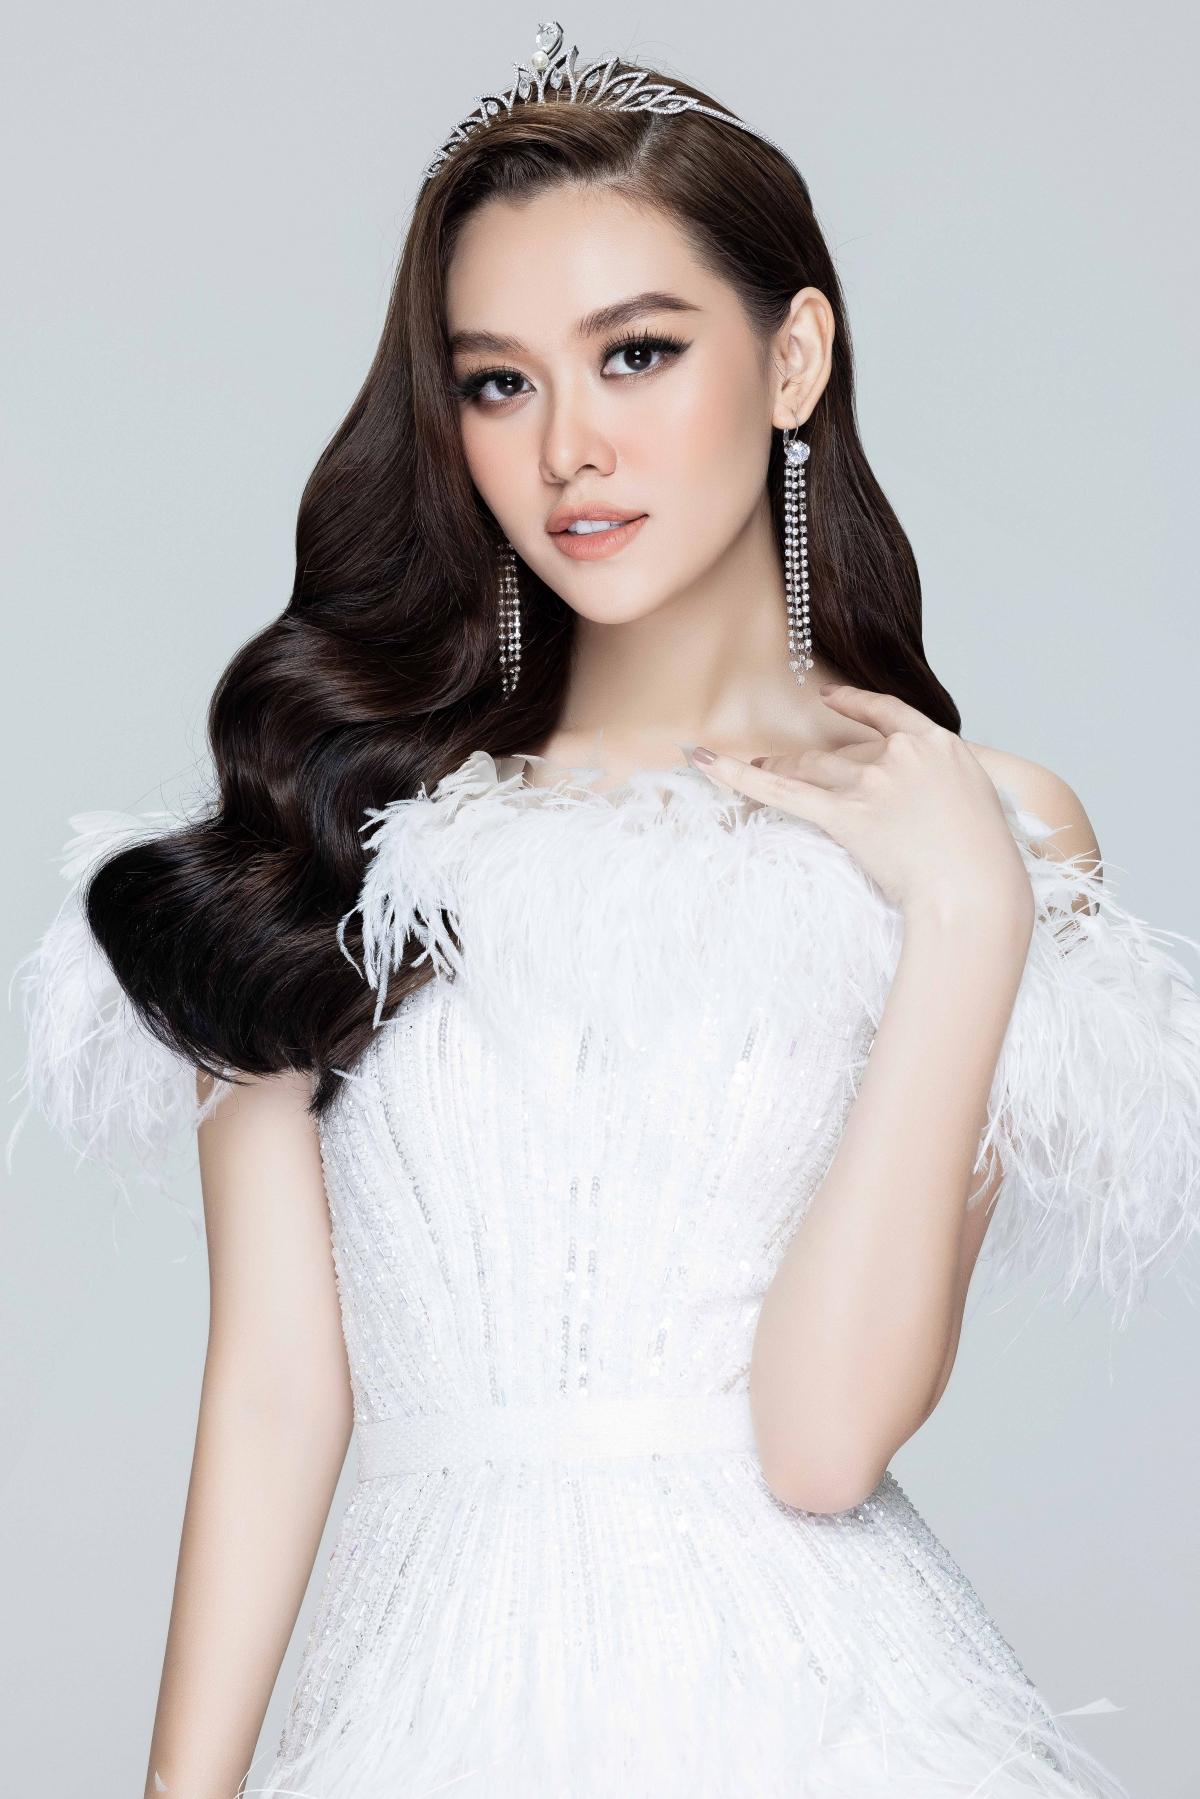 Không chỉ tạo tiếng vang trong lĩnh vực giải trí mà Tường San cũng như Top 3 Miss World Vietnam 2019 còn thường xuyên đóng góp cho cộng đồng bằng nhiều hoạt động thiện nguyện ý nghĩa.